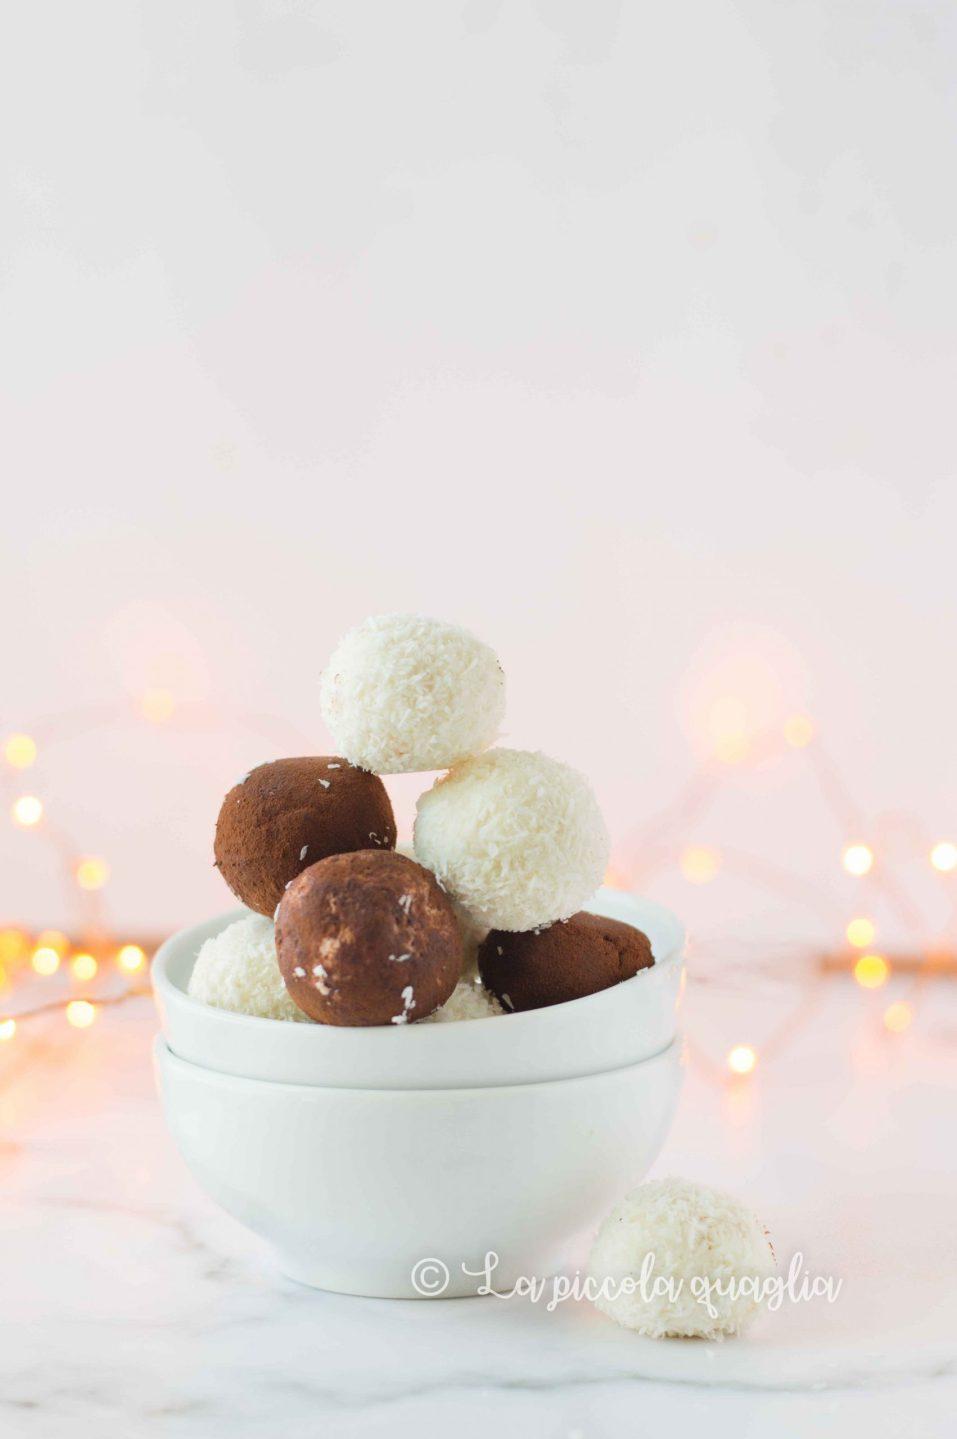 tartufini al cioccolato in una ciotola